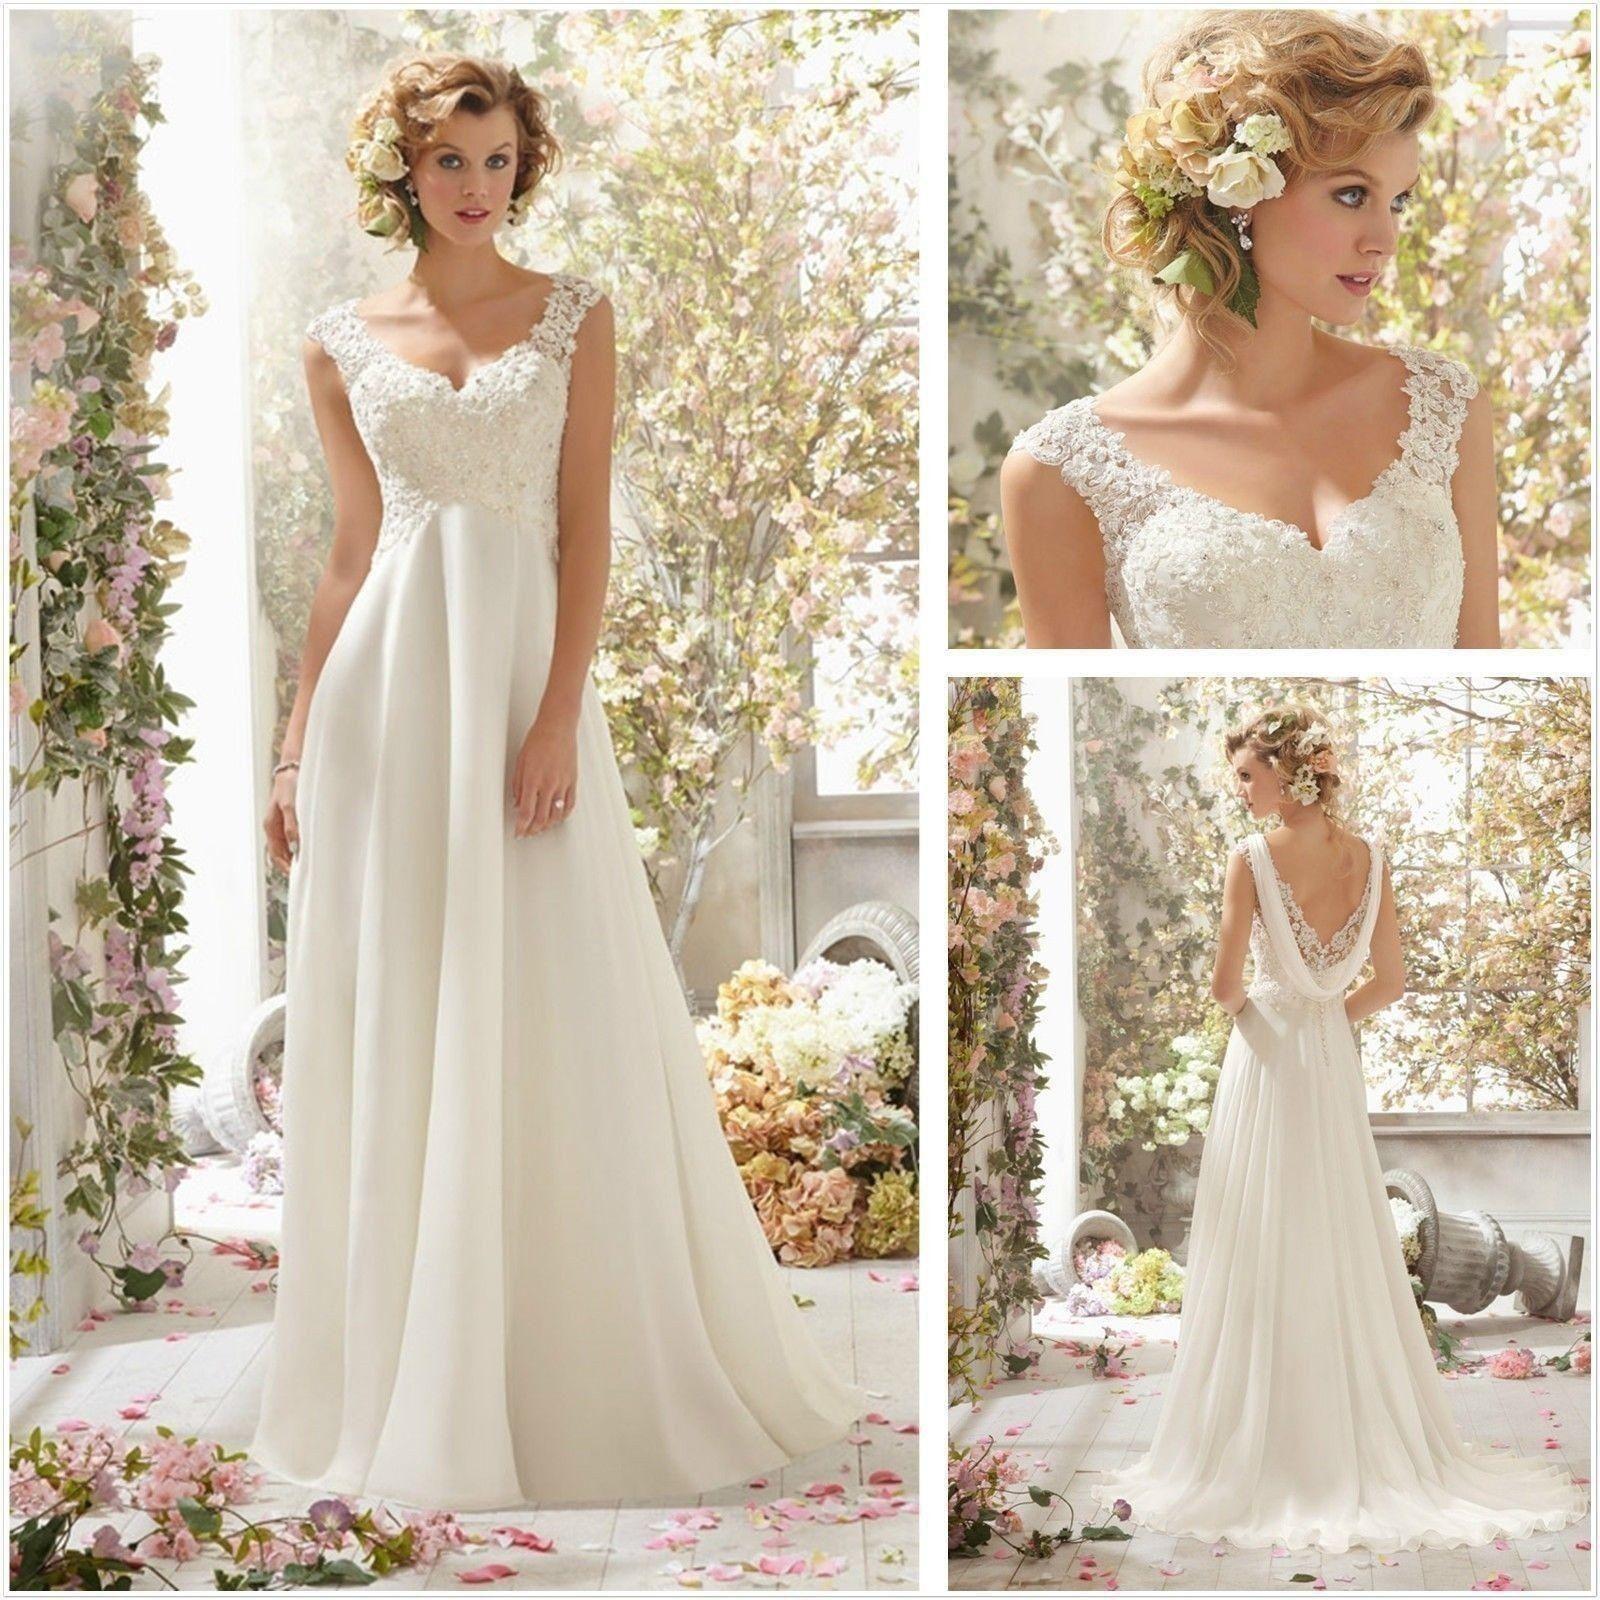 White maternity wedding dress  S Women Lace Bridal Gown Beach Wedding Custom Dress from Gldzkj